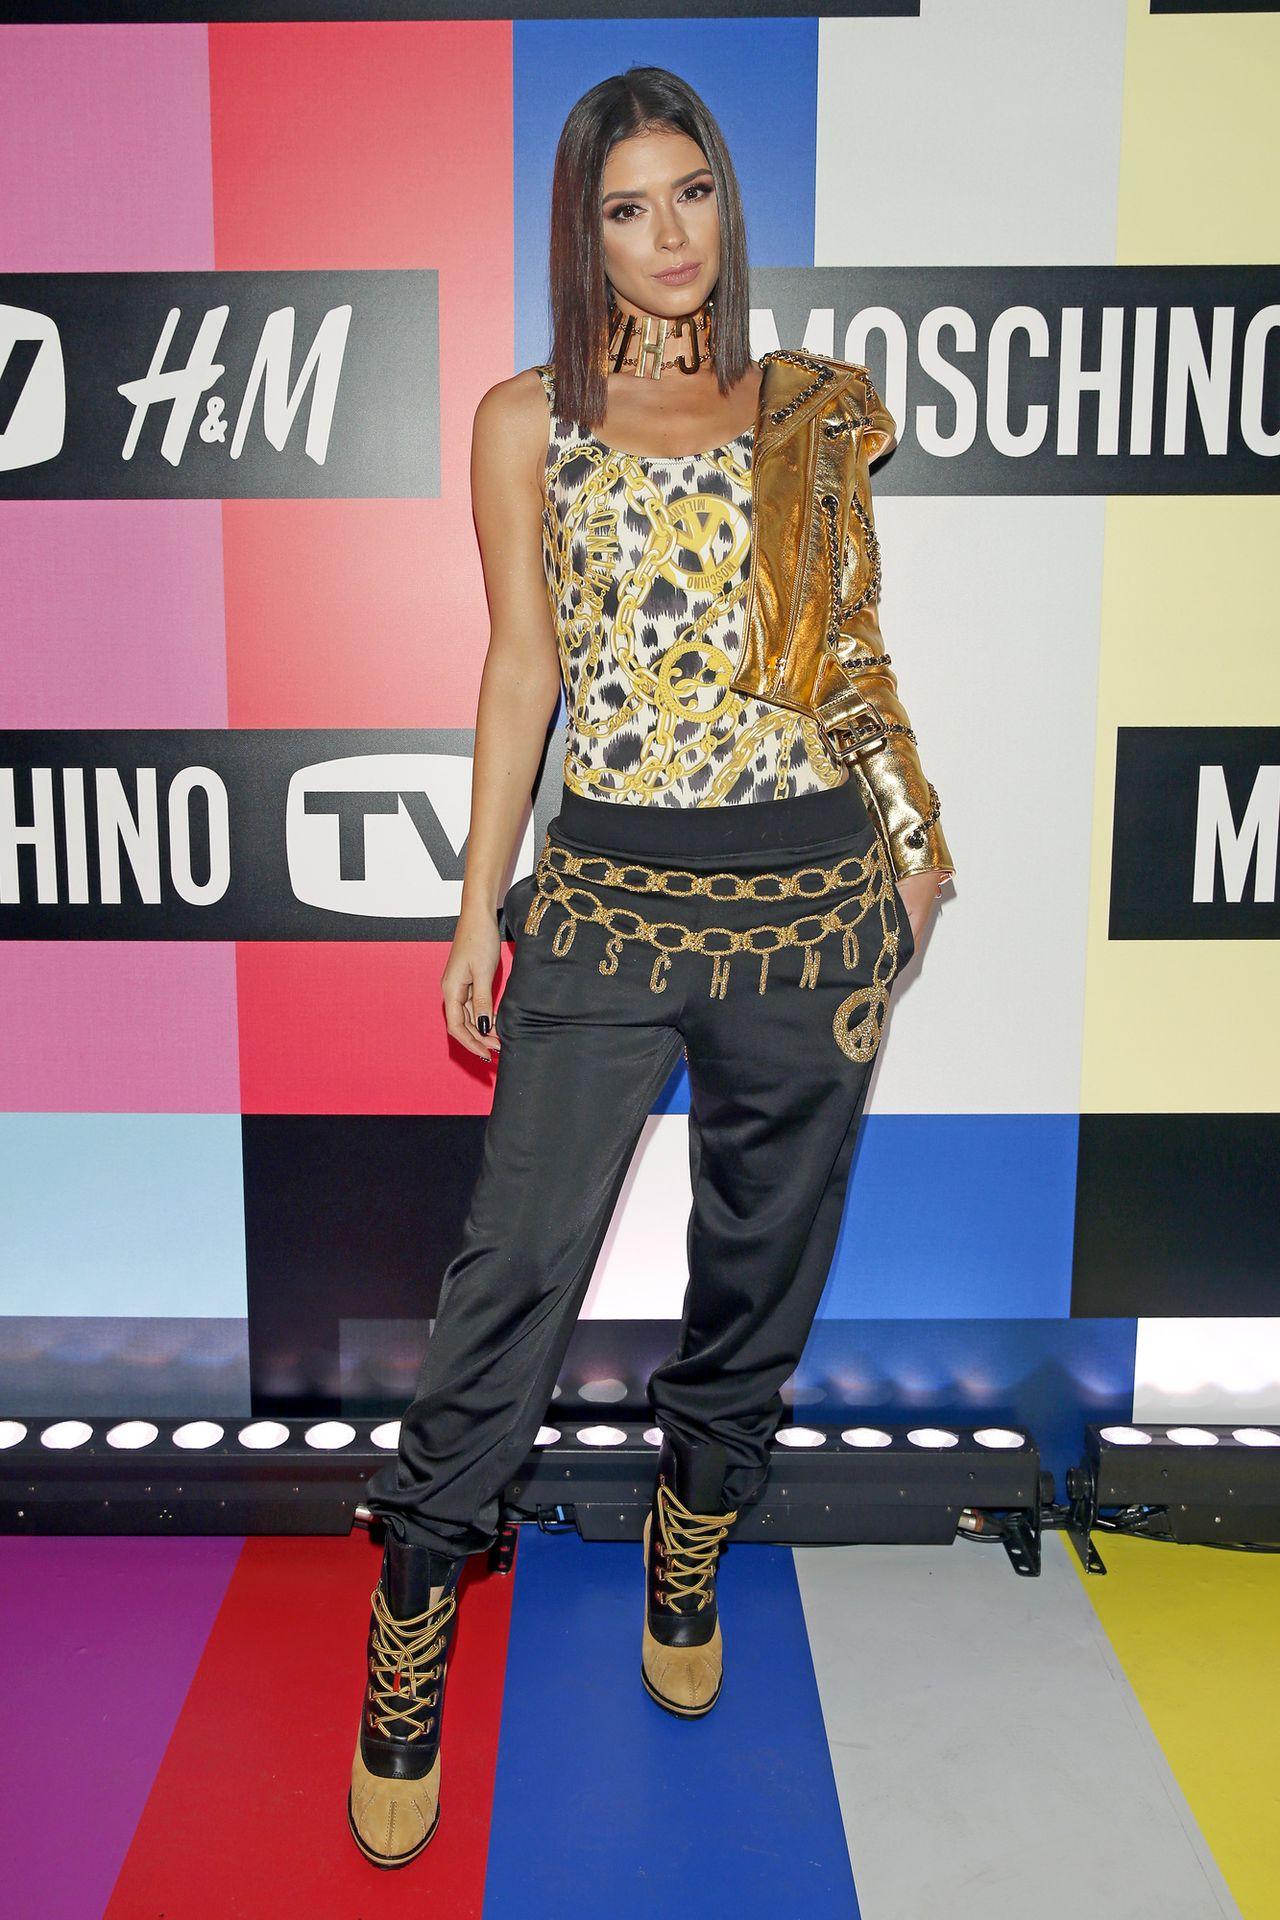 Gwiazdy na pokazie kolekcji Moschino dla HM